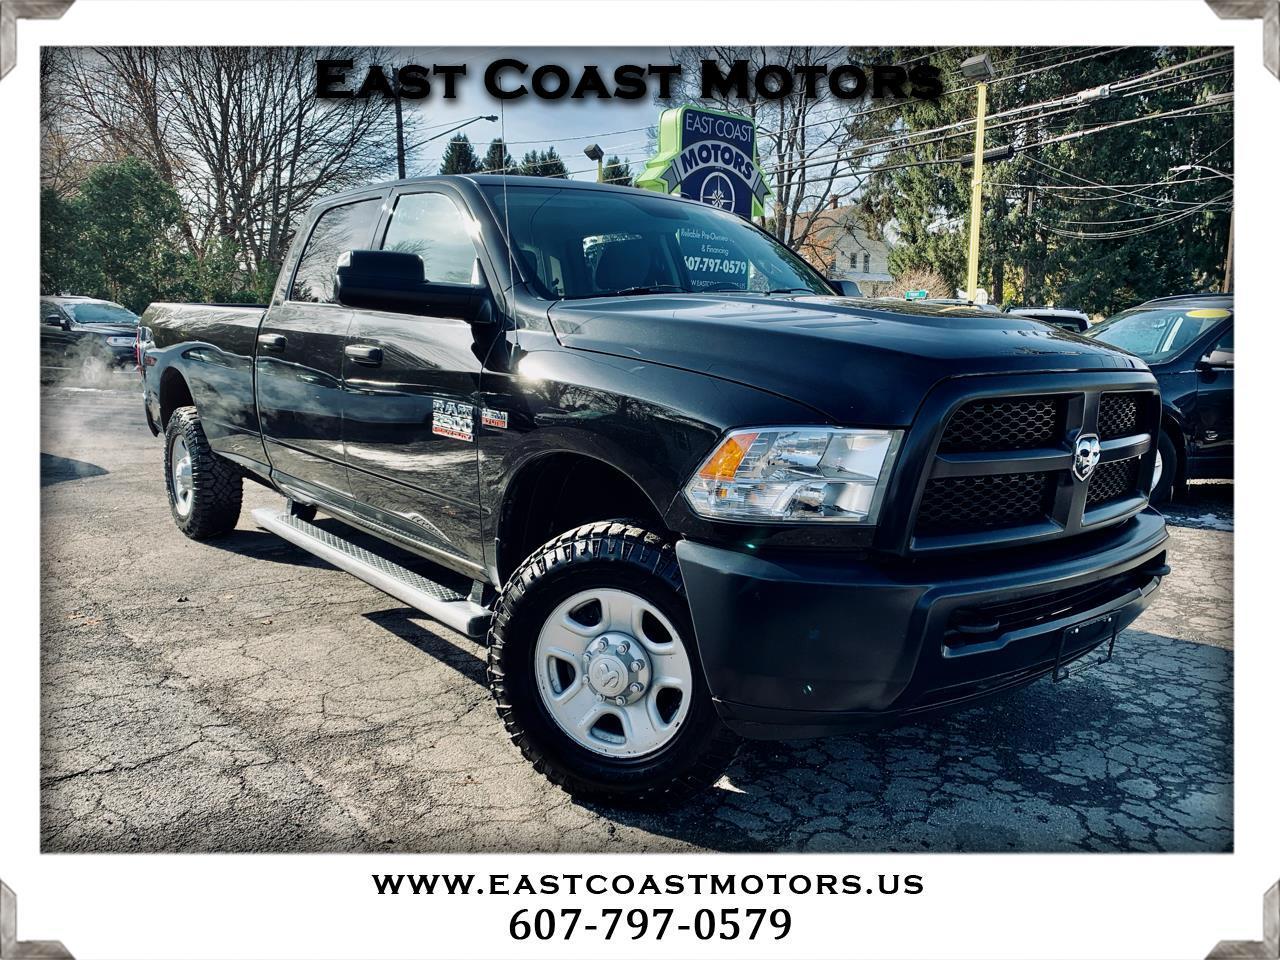 East Coast Motors >> Used Cars For Sale Binghamton Ny 13901 East Coast Motors Of